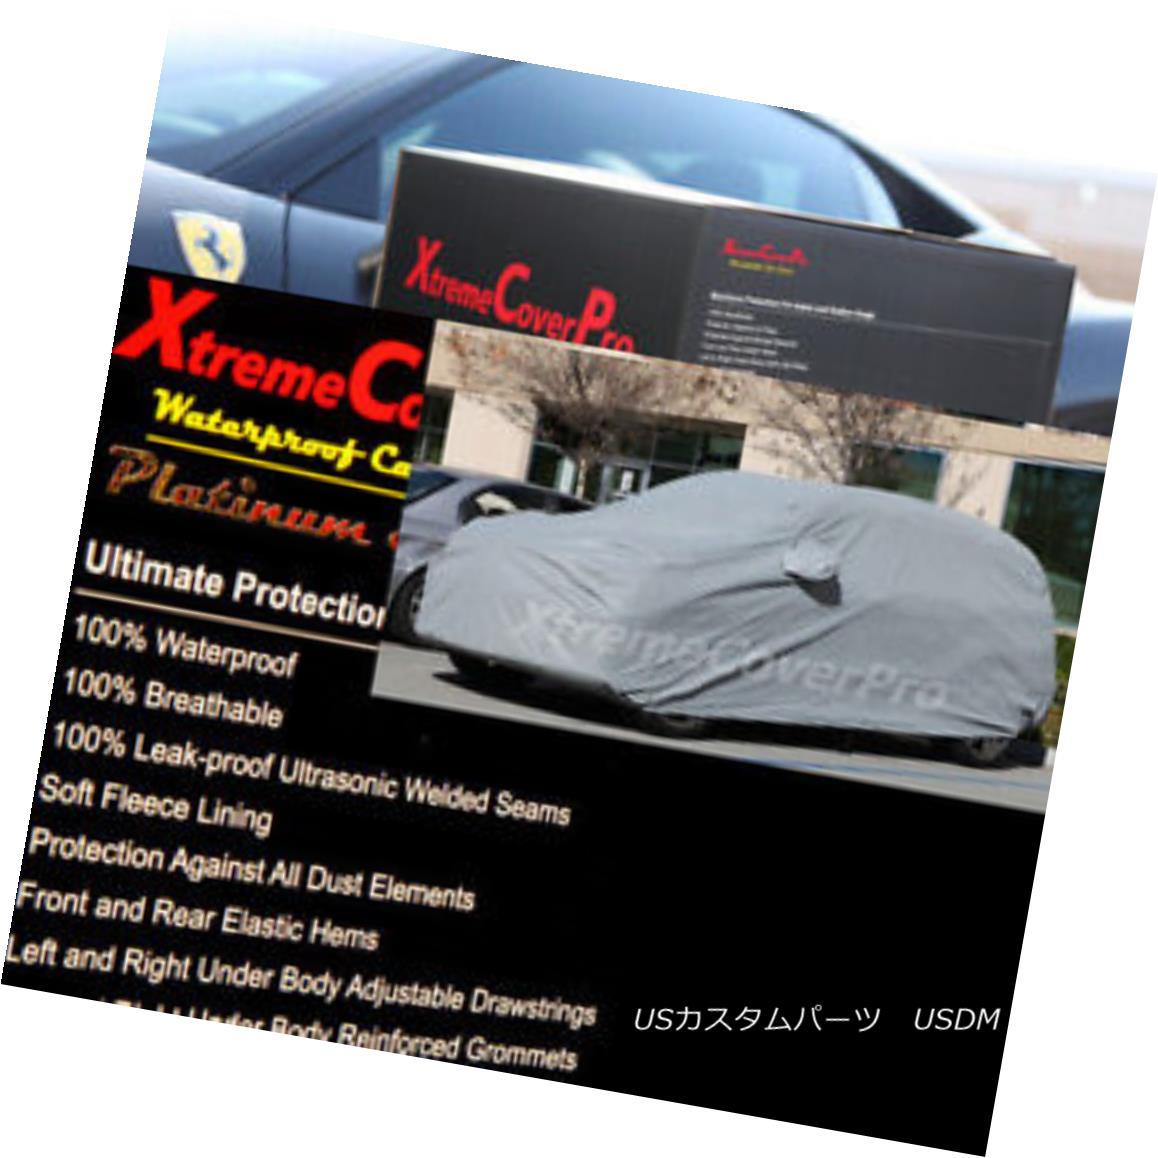 カーカバー 2015 JEEP GRAND CHEROKEE Waterproof Car Cover w/Mirror Pockets - Gray 2015 JEEP GRAND CHEROKEE防水カーカバー(ミラーポケット付) - グレー